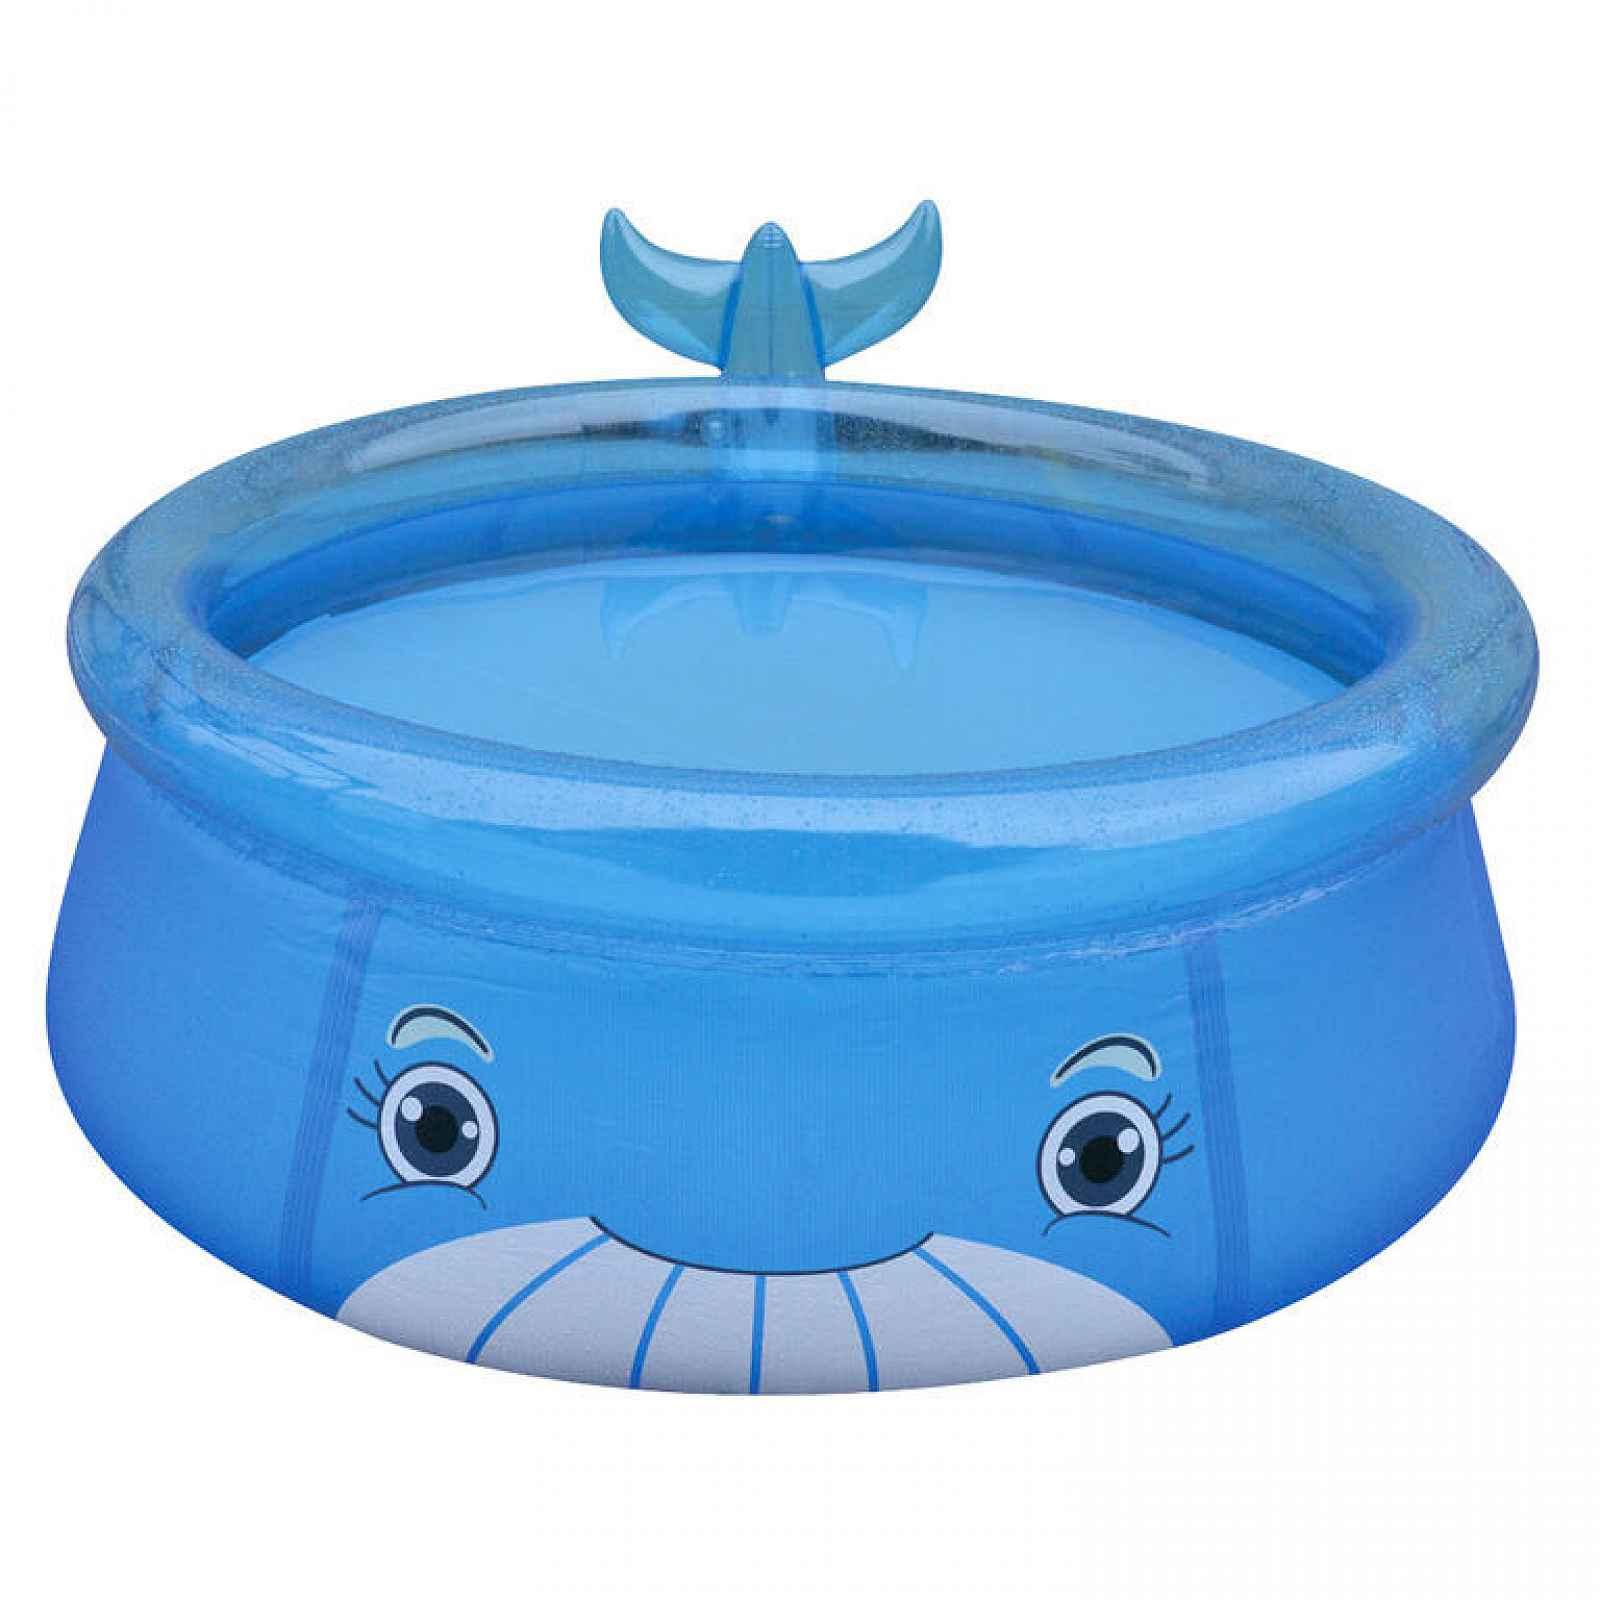 Bazén nafukovací dětský 175 x 62 cm, velryba